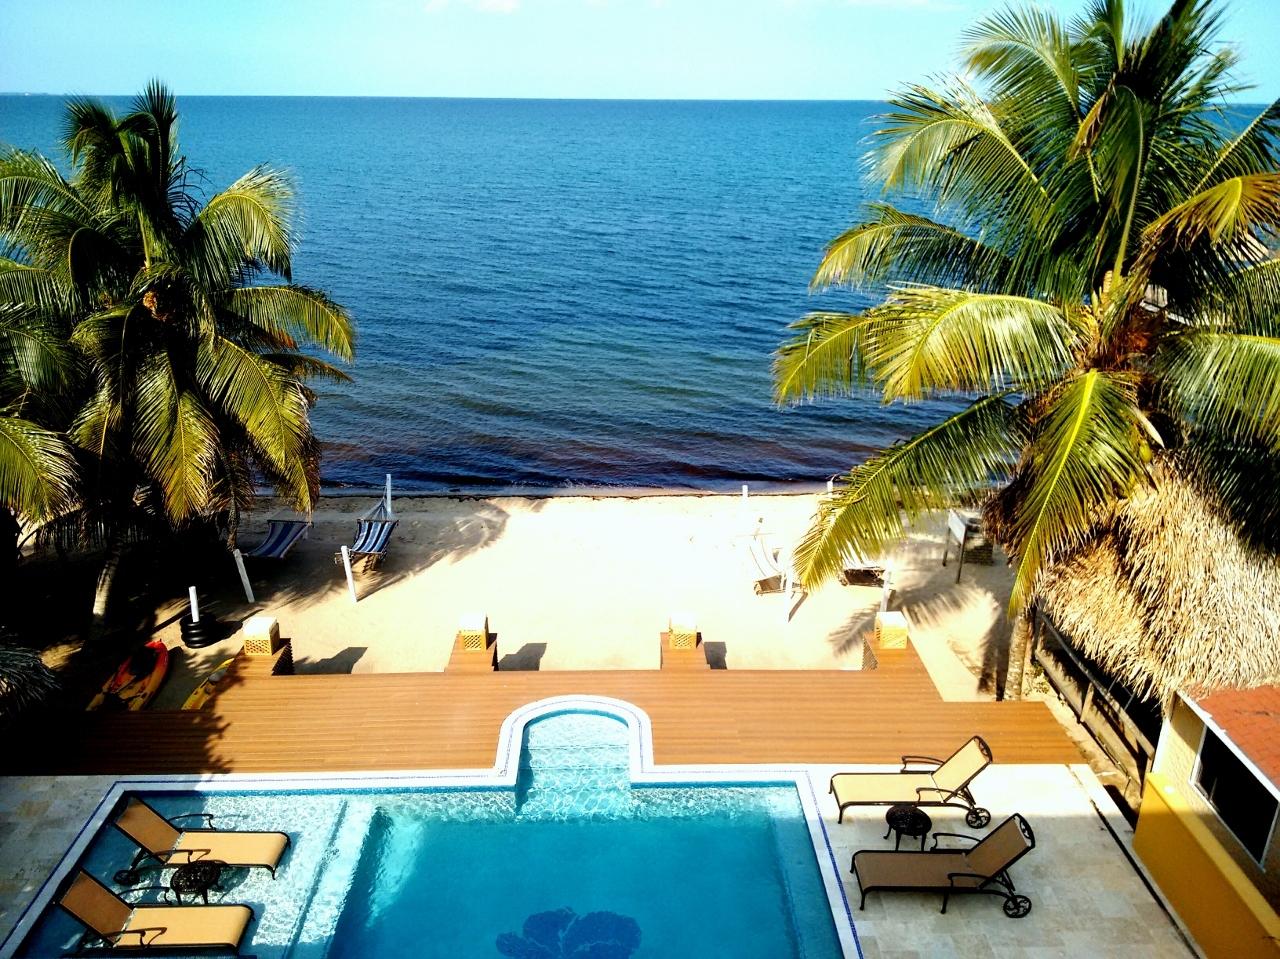 Villa Margarita, Hopkins Beach, Belize